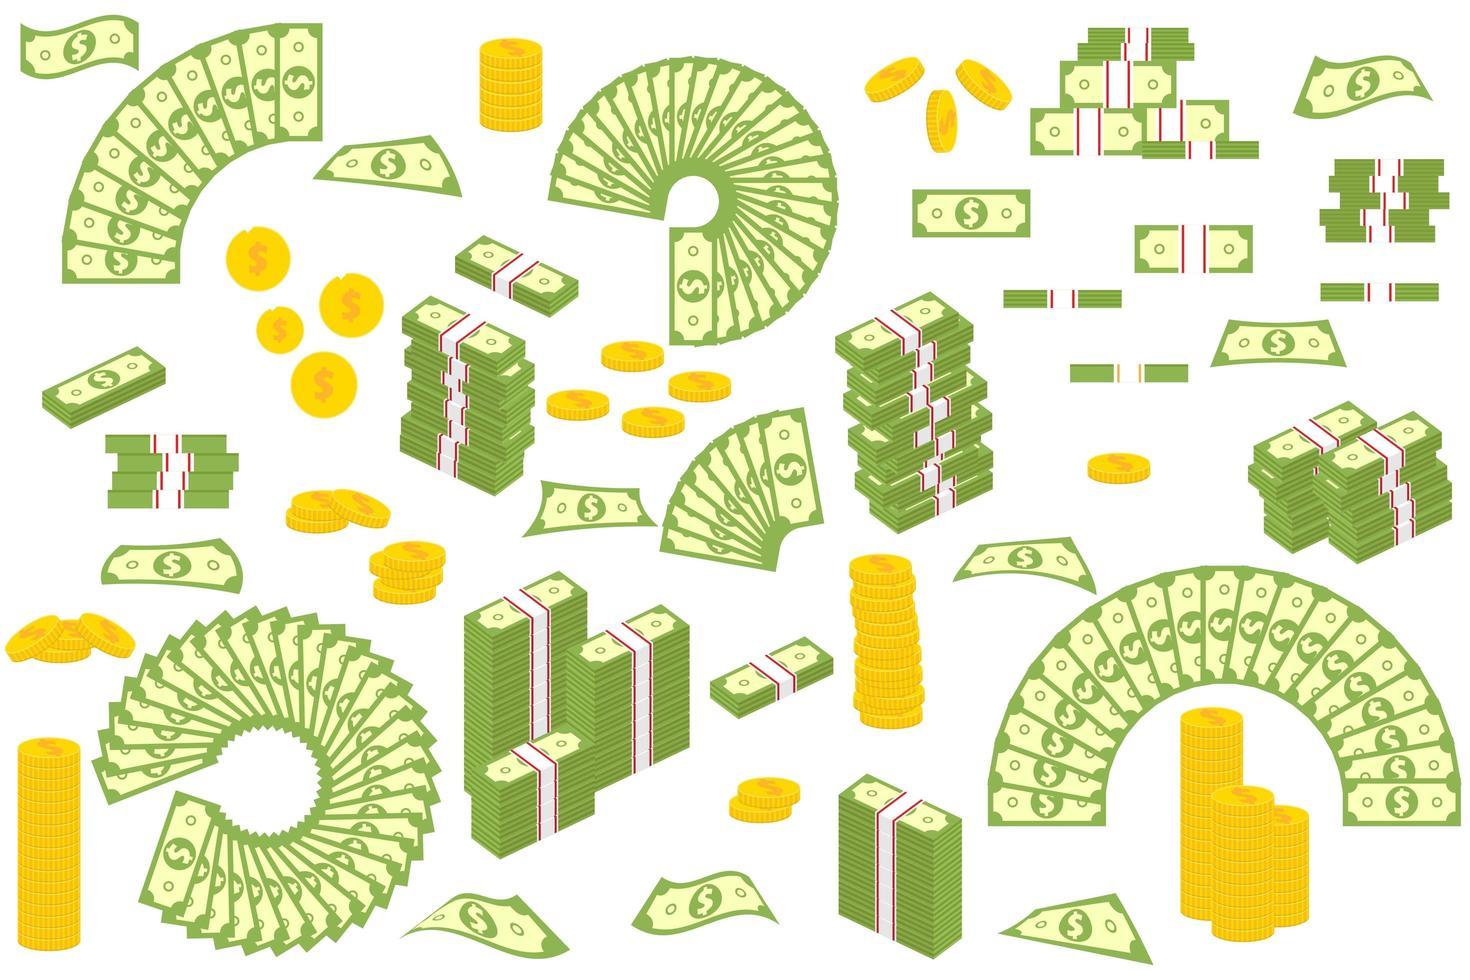 pièces d'or et billets isolés sur fond blanc vecteur